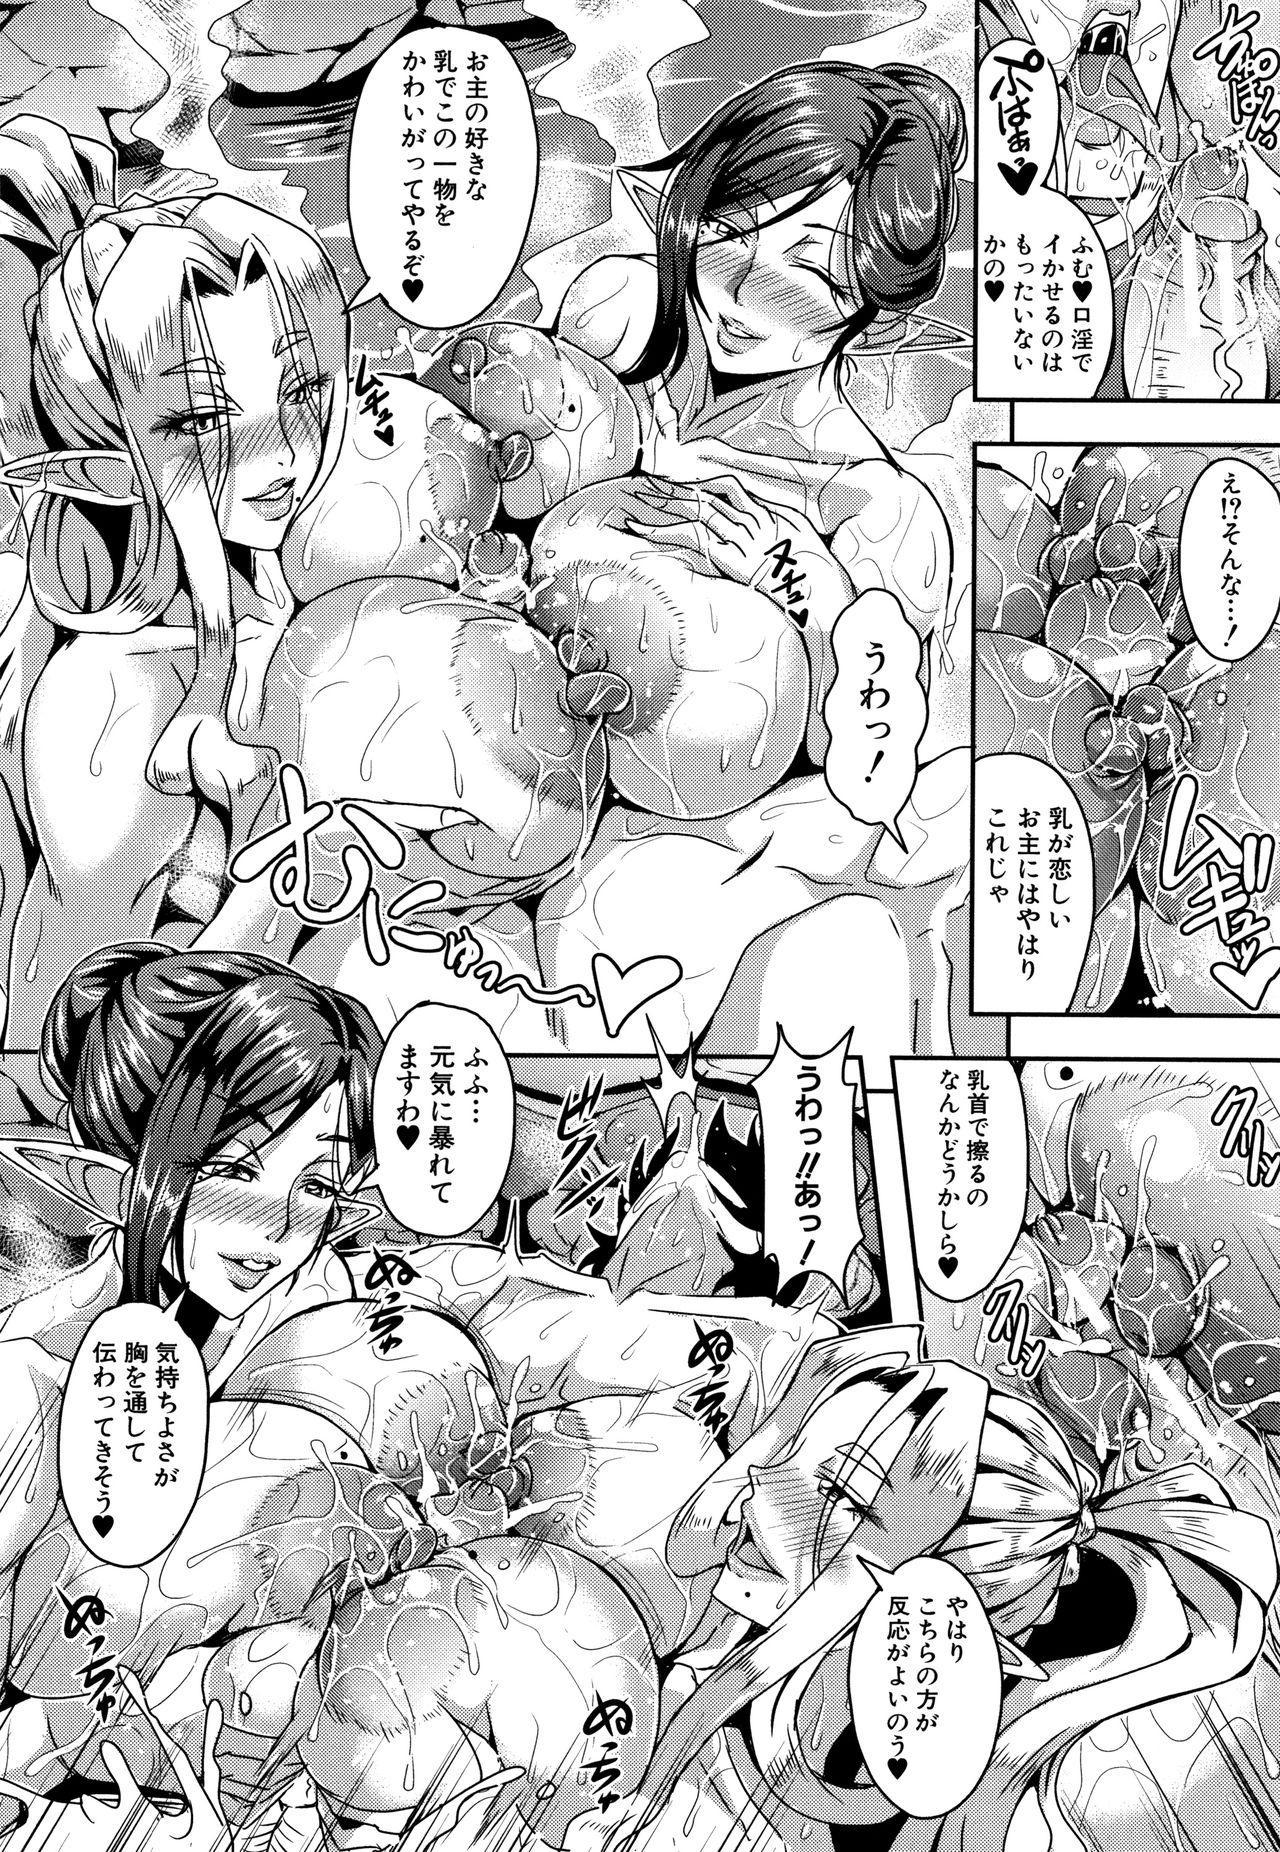 Elf Harem Monogatari - Elf Harem Story 59